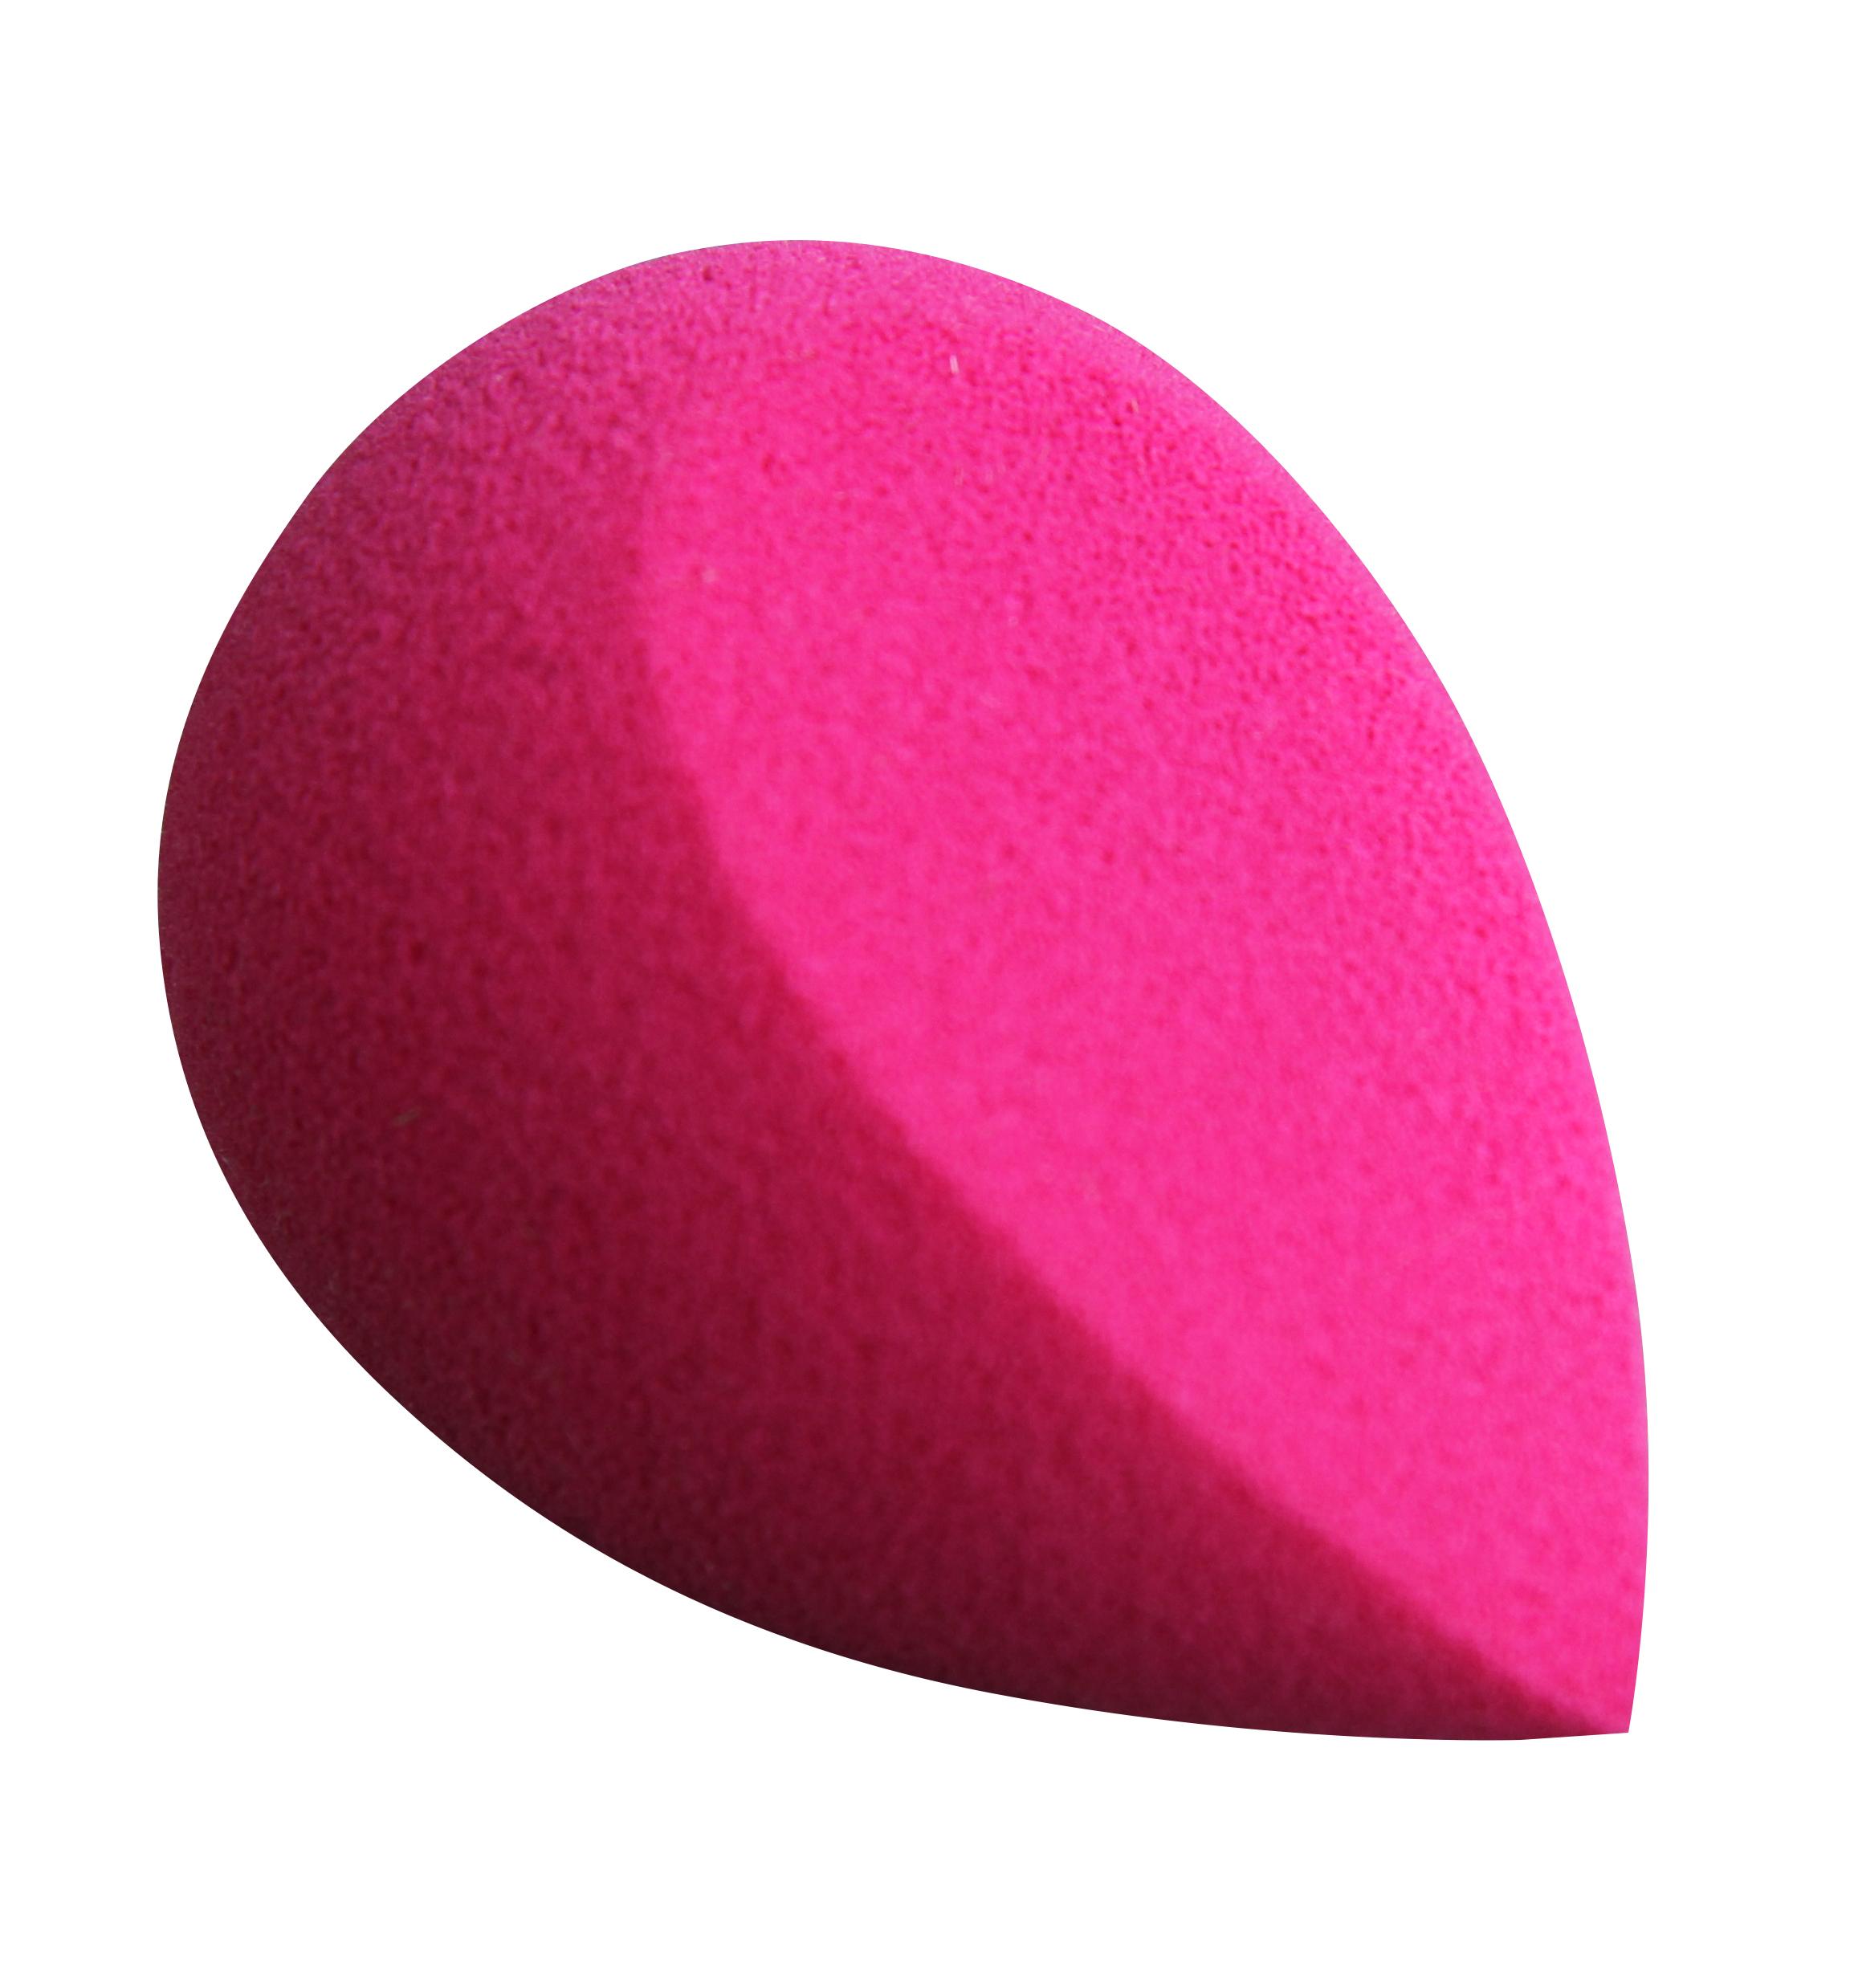 Estetika Спонж для макияжа 4 в 128032022Estetika cпонж для макияжа 4 в 1. Скошенная сторона для идеального нанесения тональных средств. Ребро скошенной стороны для локального нанесения корректоров в области скул и висков. Круглая сторона для равномерной растушевки. Заостренный кончик для обработки крыльев носа, областей вокруг губ и глаз. Спонж для макияжа Estetika подходит как для профессионального использования визажистами, так и для макияжа в домашних условиях. Спонж для макияжа Estetika идеально равномерным слоем, не оставляя разводов, наносит любые тональные средства - кремовые и пудровые (тональный крем, основу под макияж, консилер под глаза, корректоры, хайлайтер, румяна, пудру). Материал спонжа подходит для чувствительной кожи. Он гипоаллергенный, не содержит латекса и приятный на ощупь. Уникальная форма спонжа делает его незаменимым в использовании и способствует созданию эффекта здоровой красивой кожи, как будто обработанной в фотошопе.